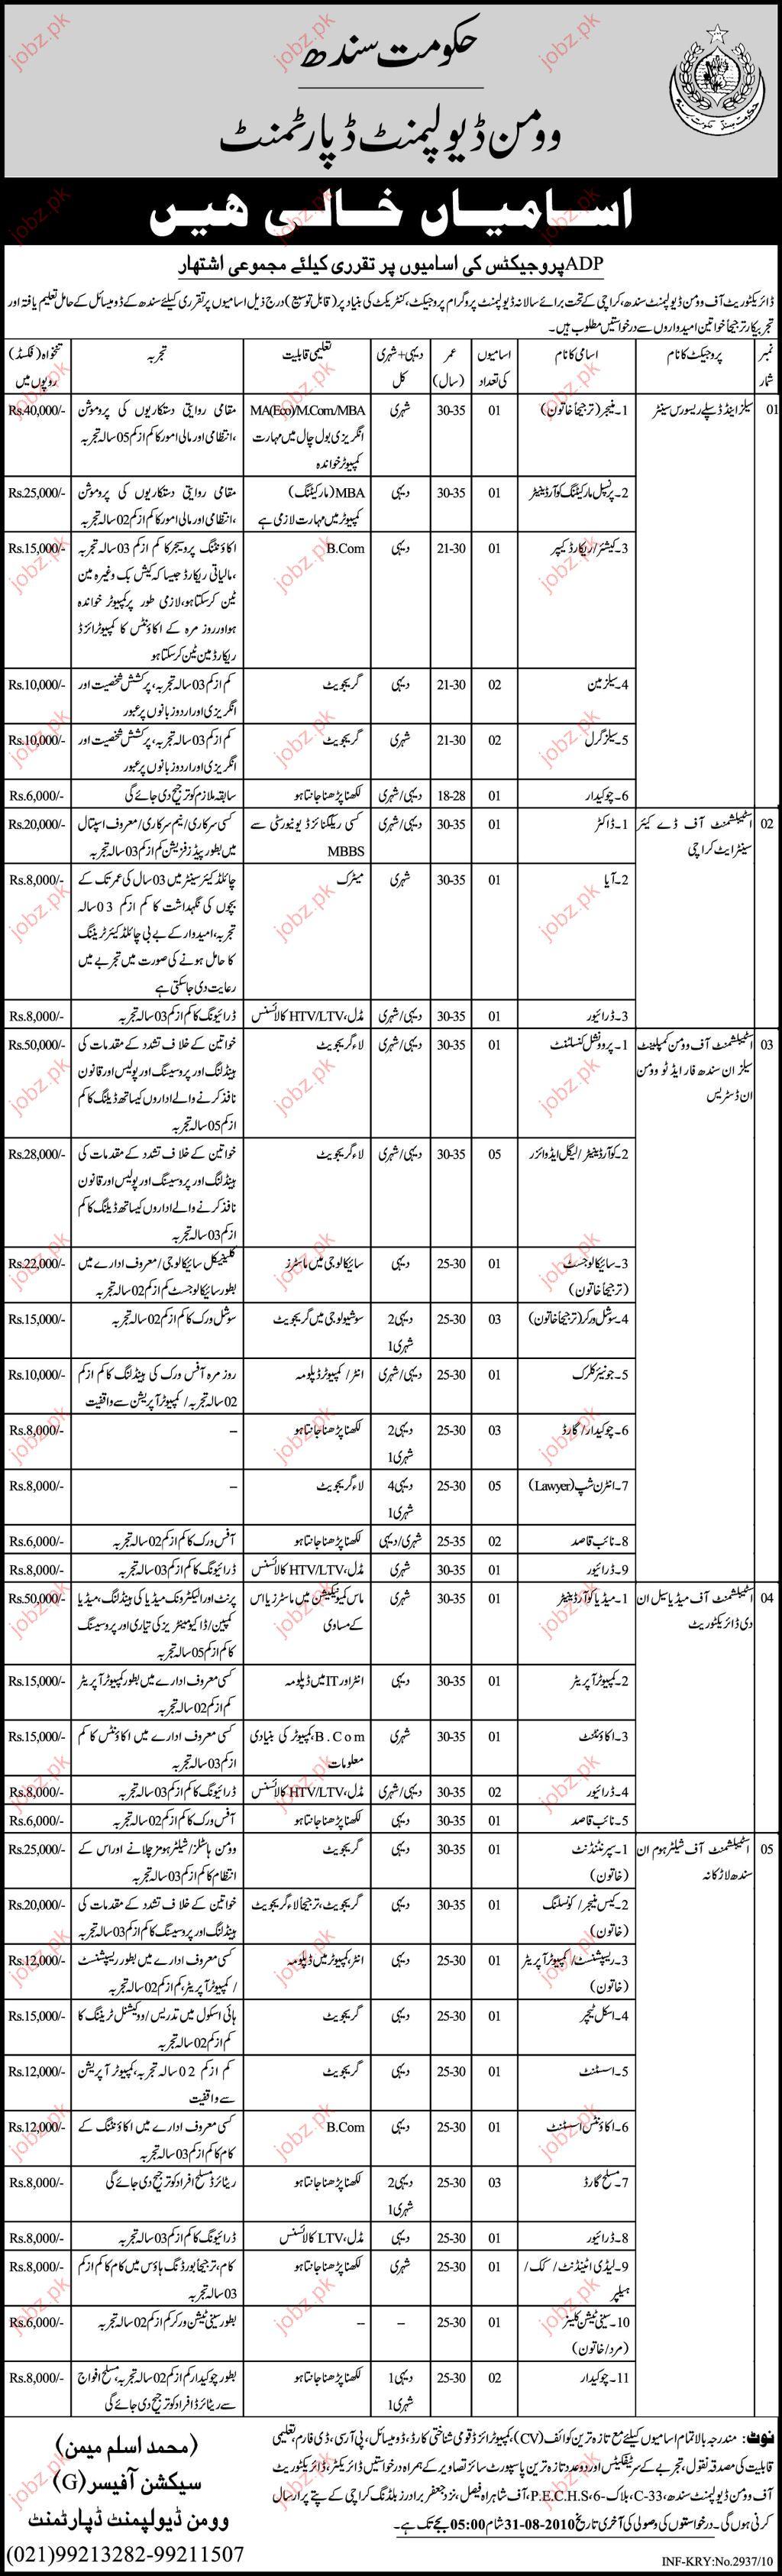 Women Development Department Sindh Job Opportunities